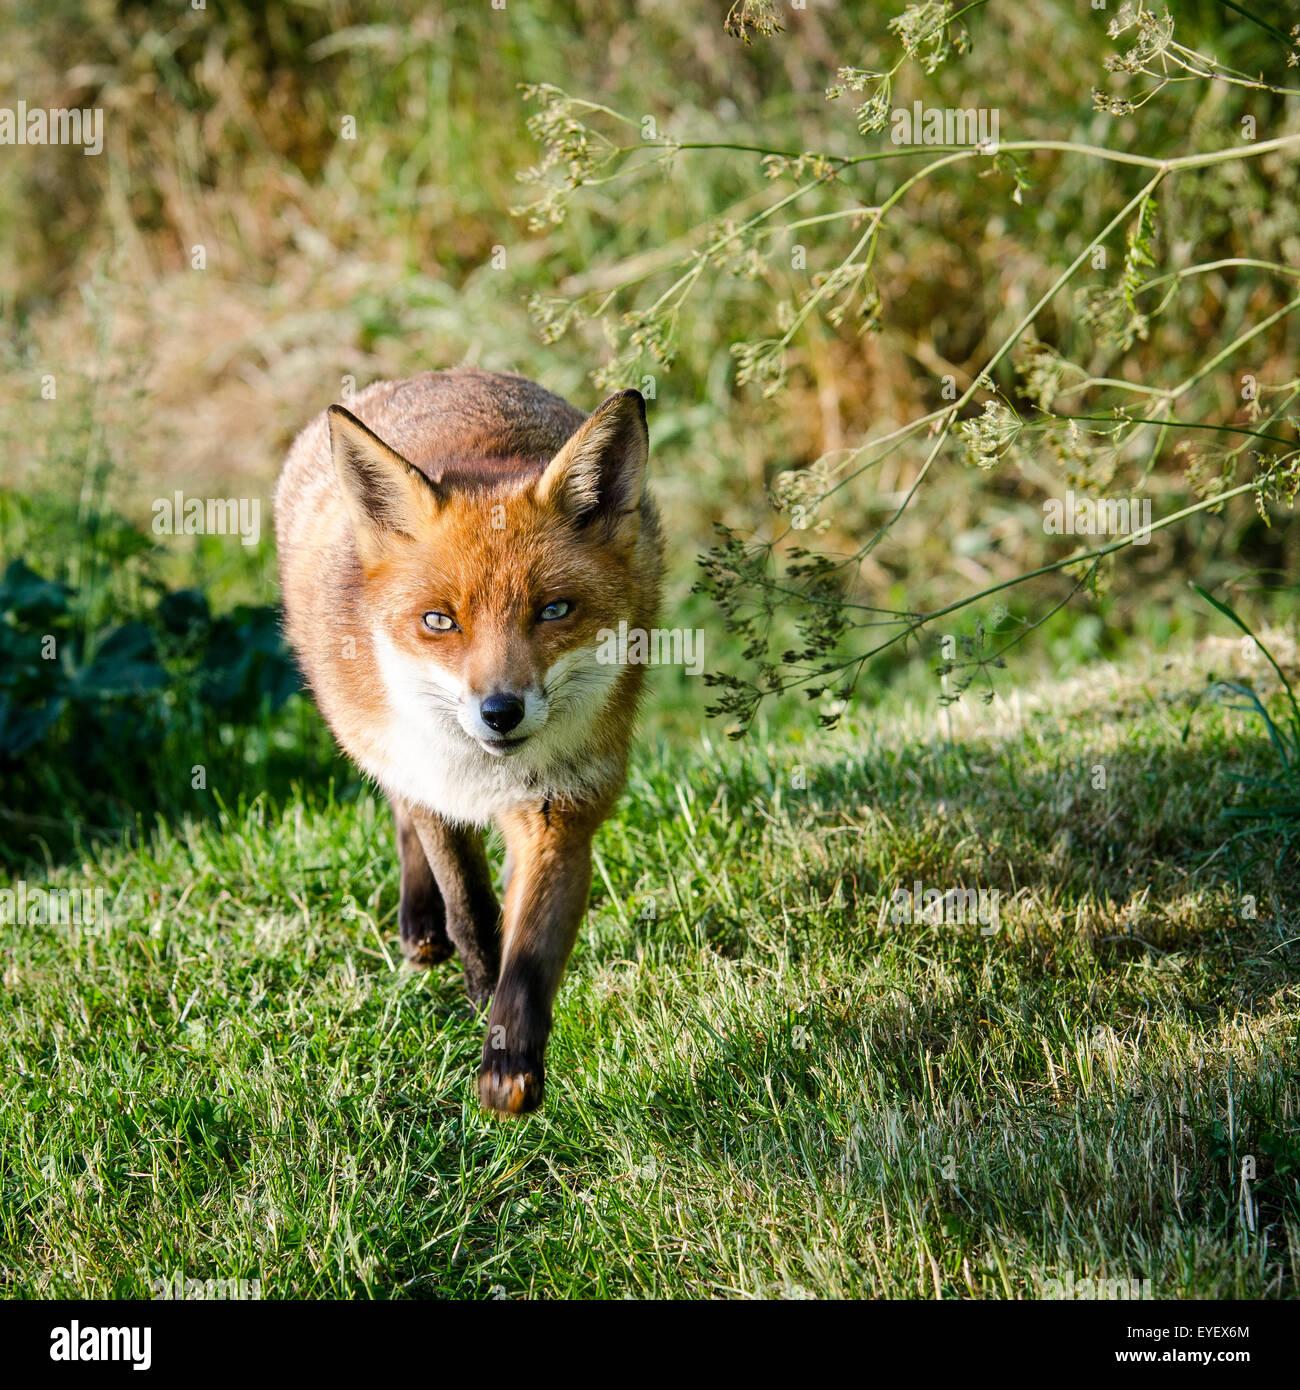 Unión el zorro (Vulpes vulpes) paseos por el campo, Reino Unido. Imagen De Stock